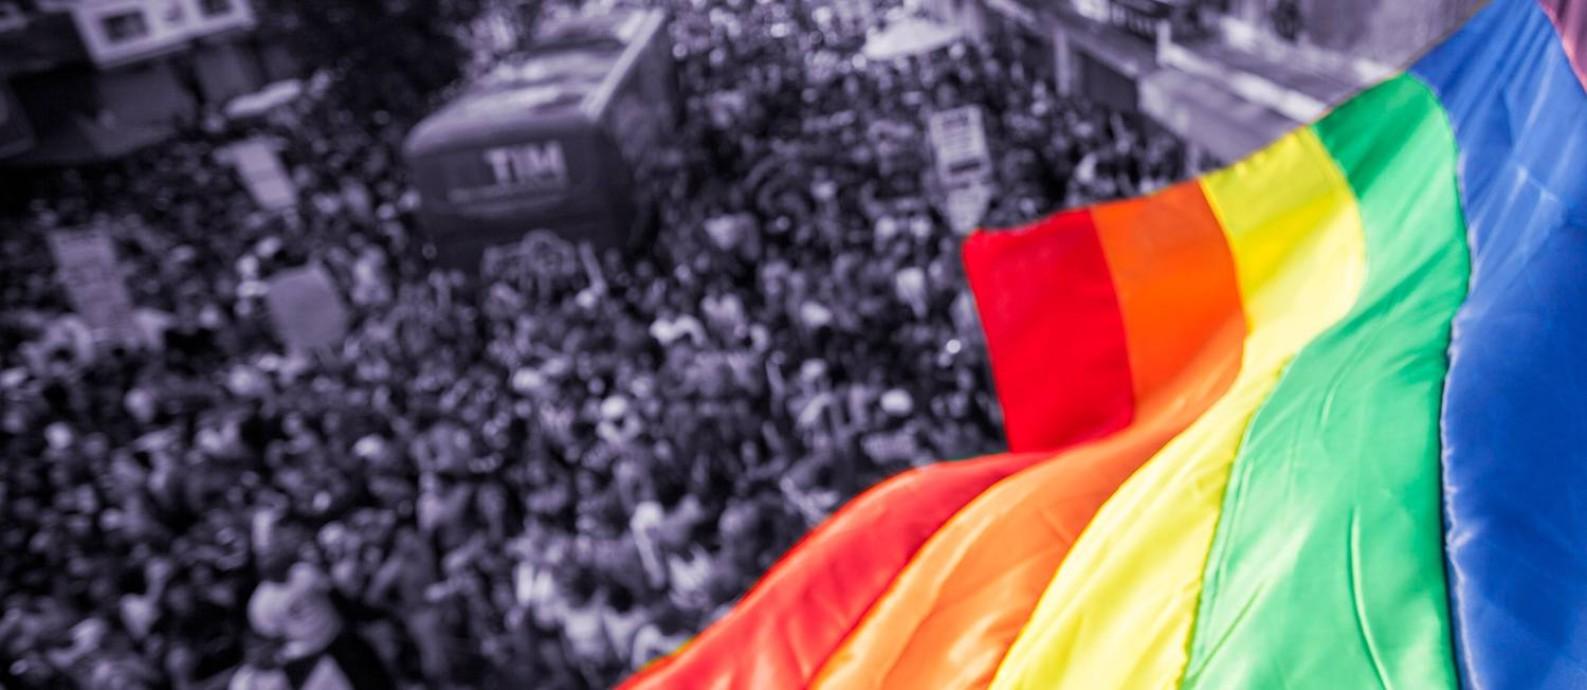 Somente no primeiro semestre de 2019, foram registradas 513 denúncias de violação de direitos da pessoas LGBTI+ no Disque 100; dados mais recentes ainda não foram divulgados pelo governo federal Foto: Agência O Globo